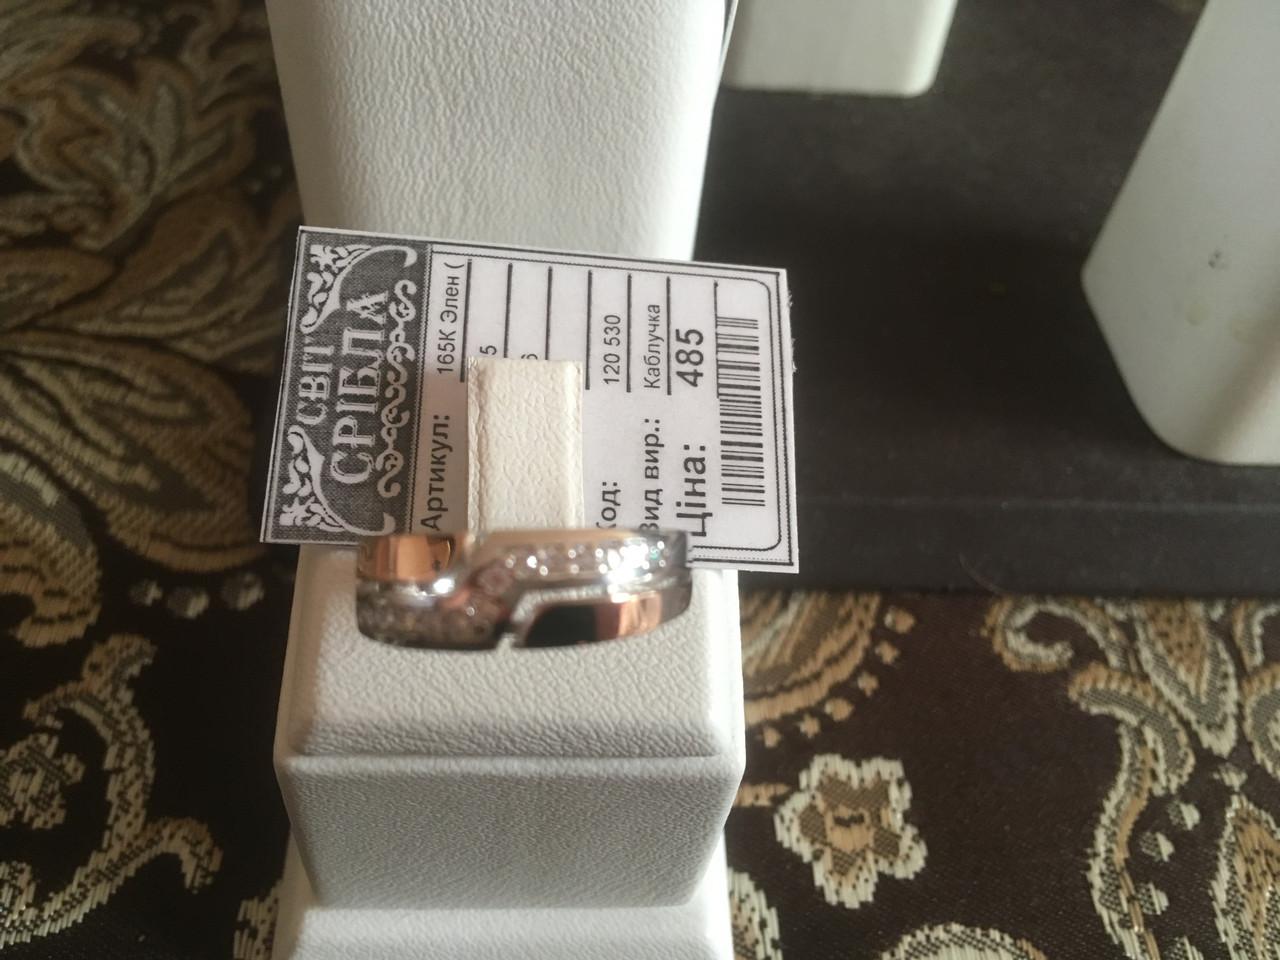 Поделиться  Серебряное кольца с пластинами золота срібна каблучка - Каприз  в Киеве d2ebfdc62a0c8